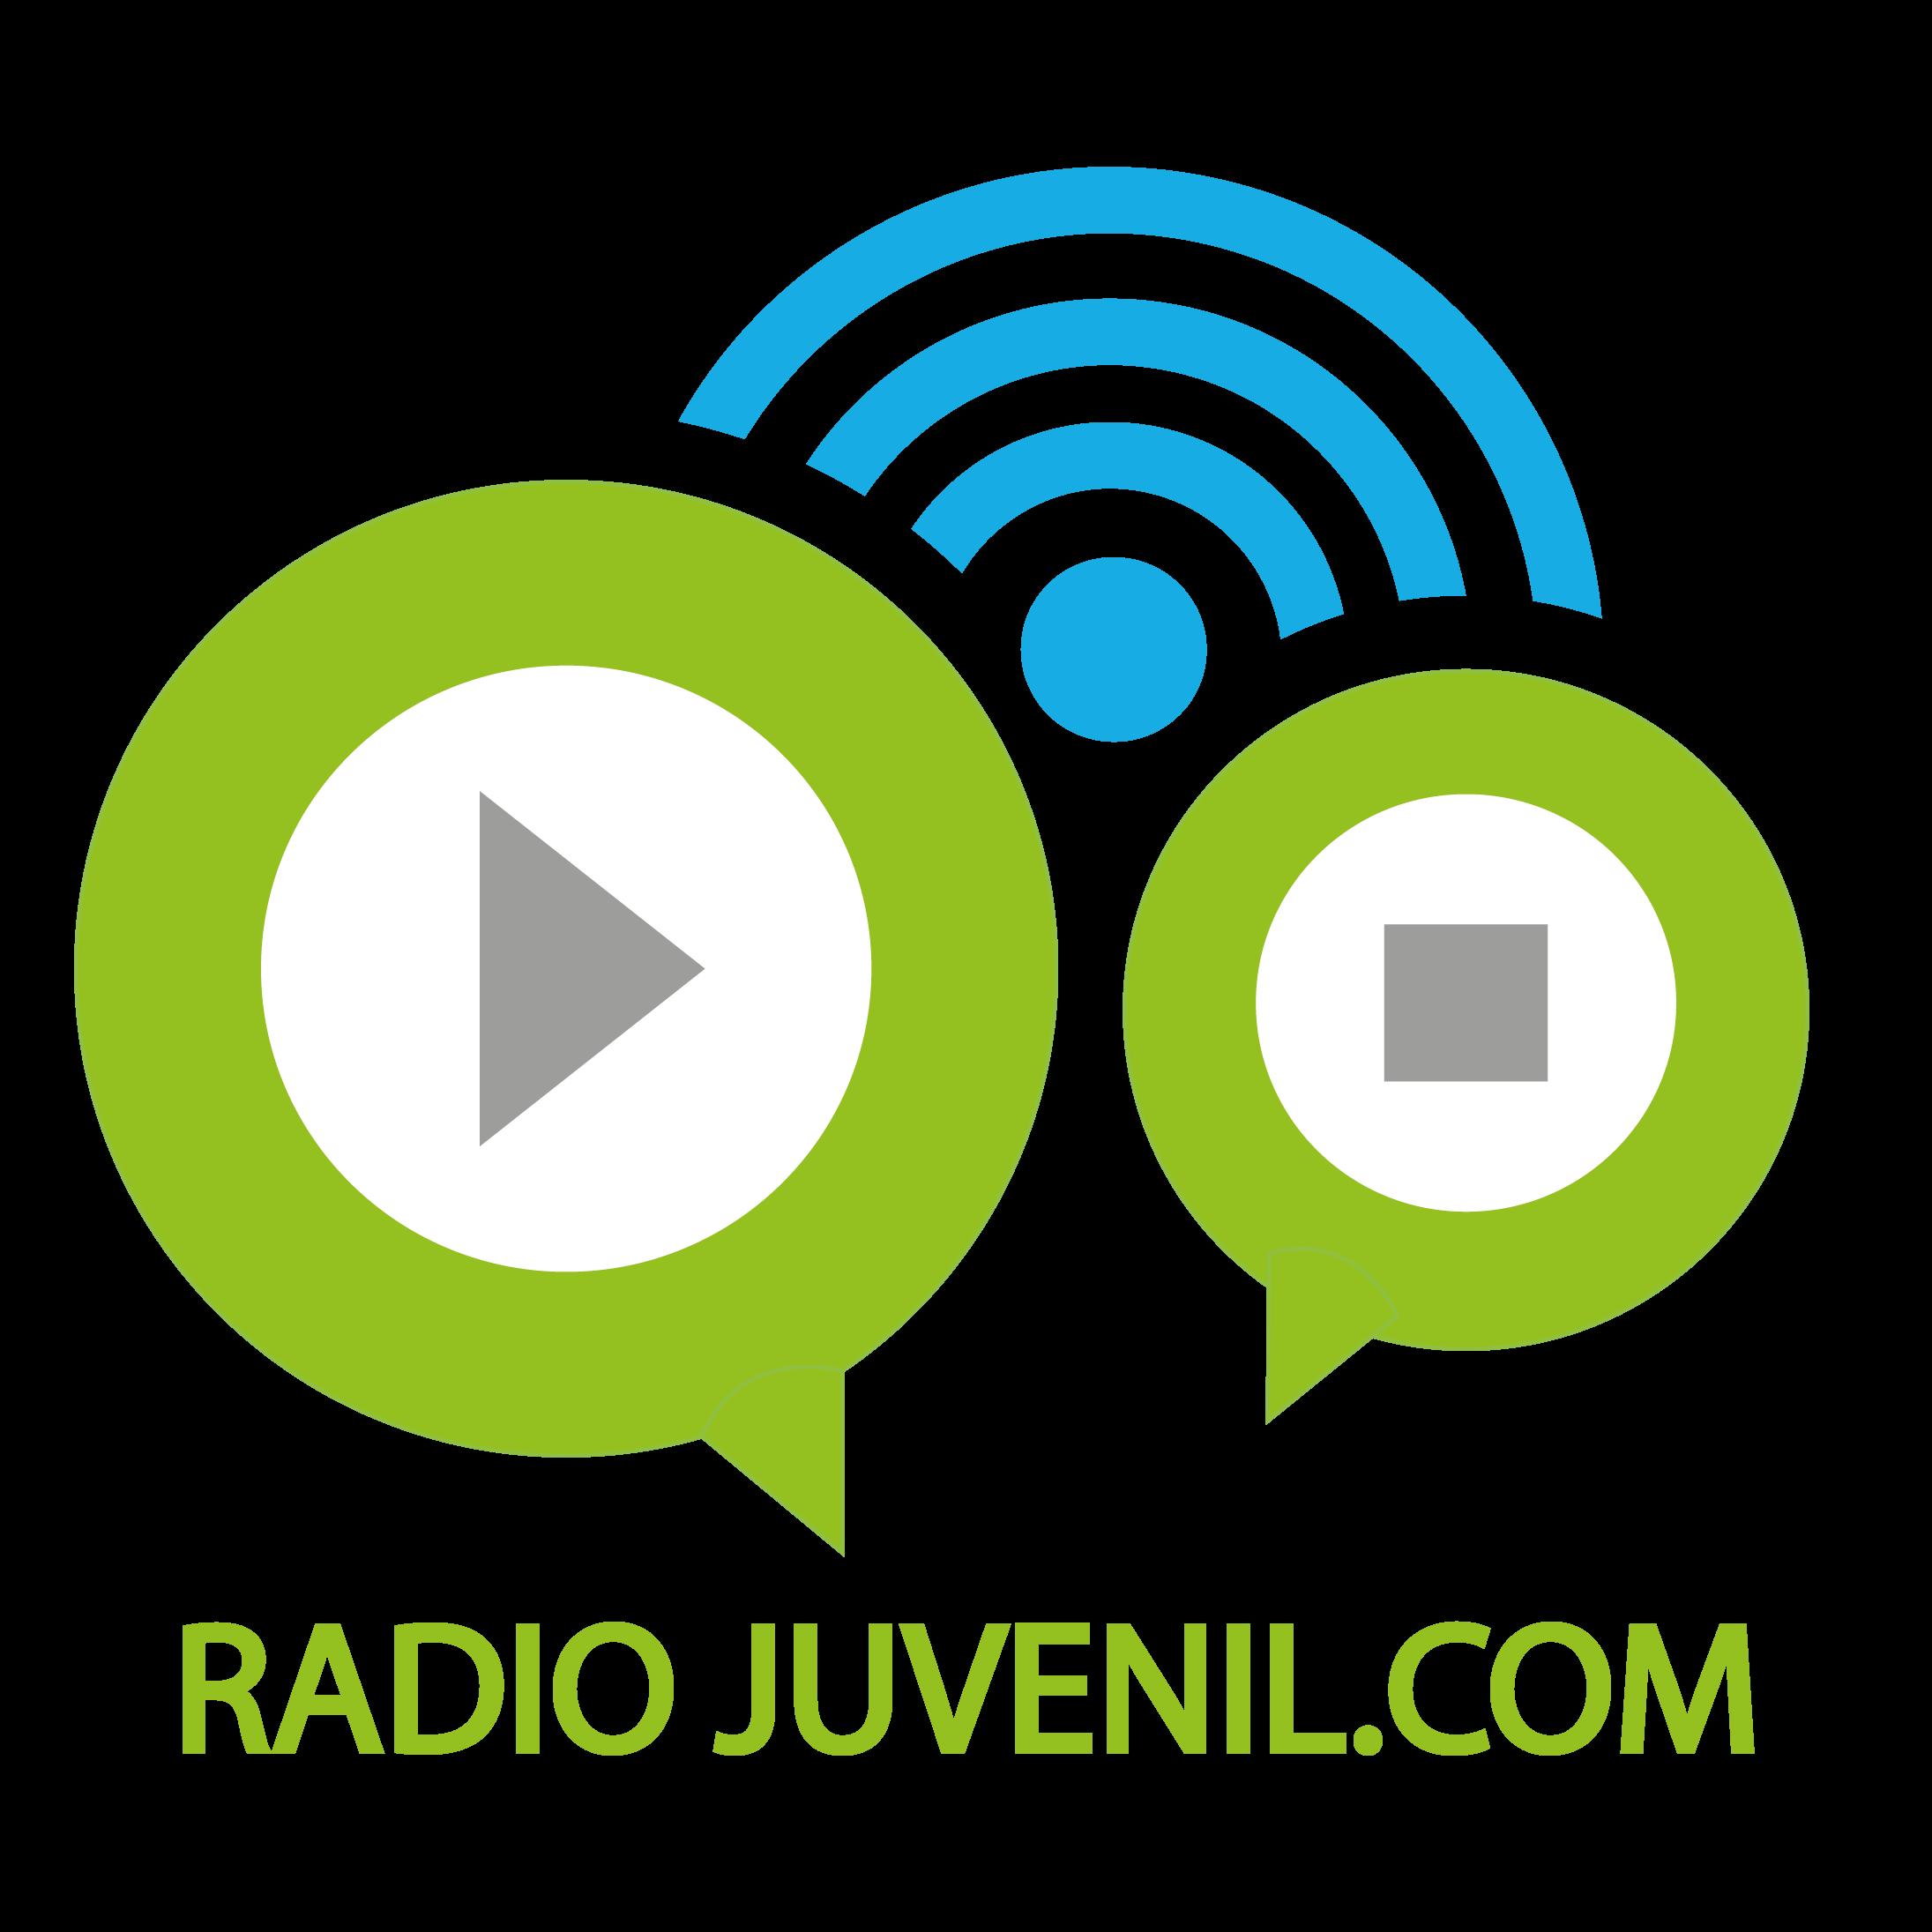 Radio Juvenil El Salvador